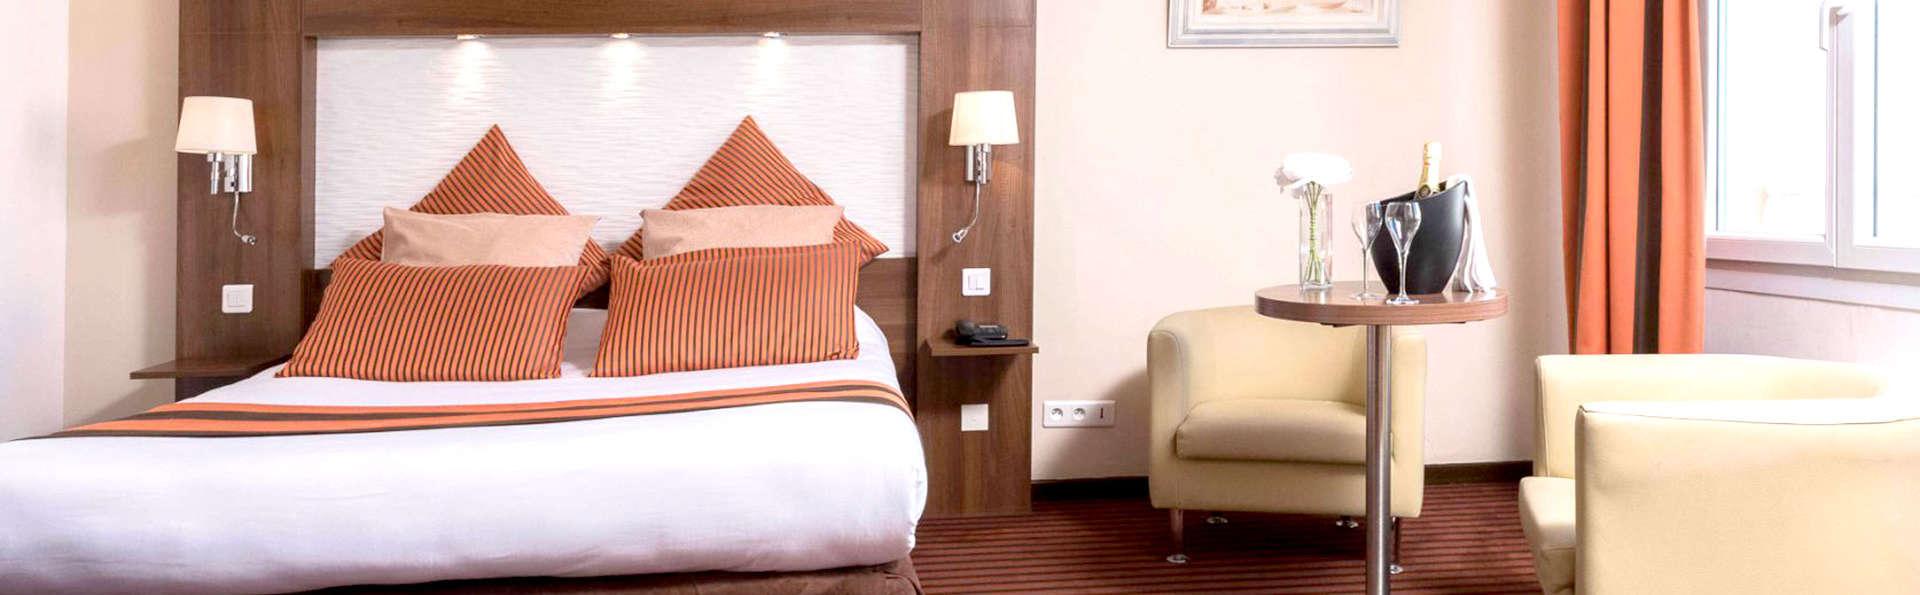 Hôtel Regina and Spa - EDIT_ROOM5.jpg